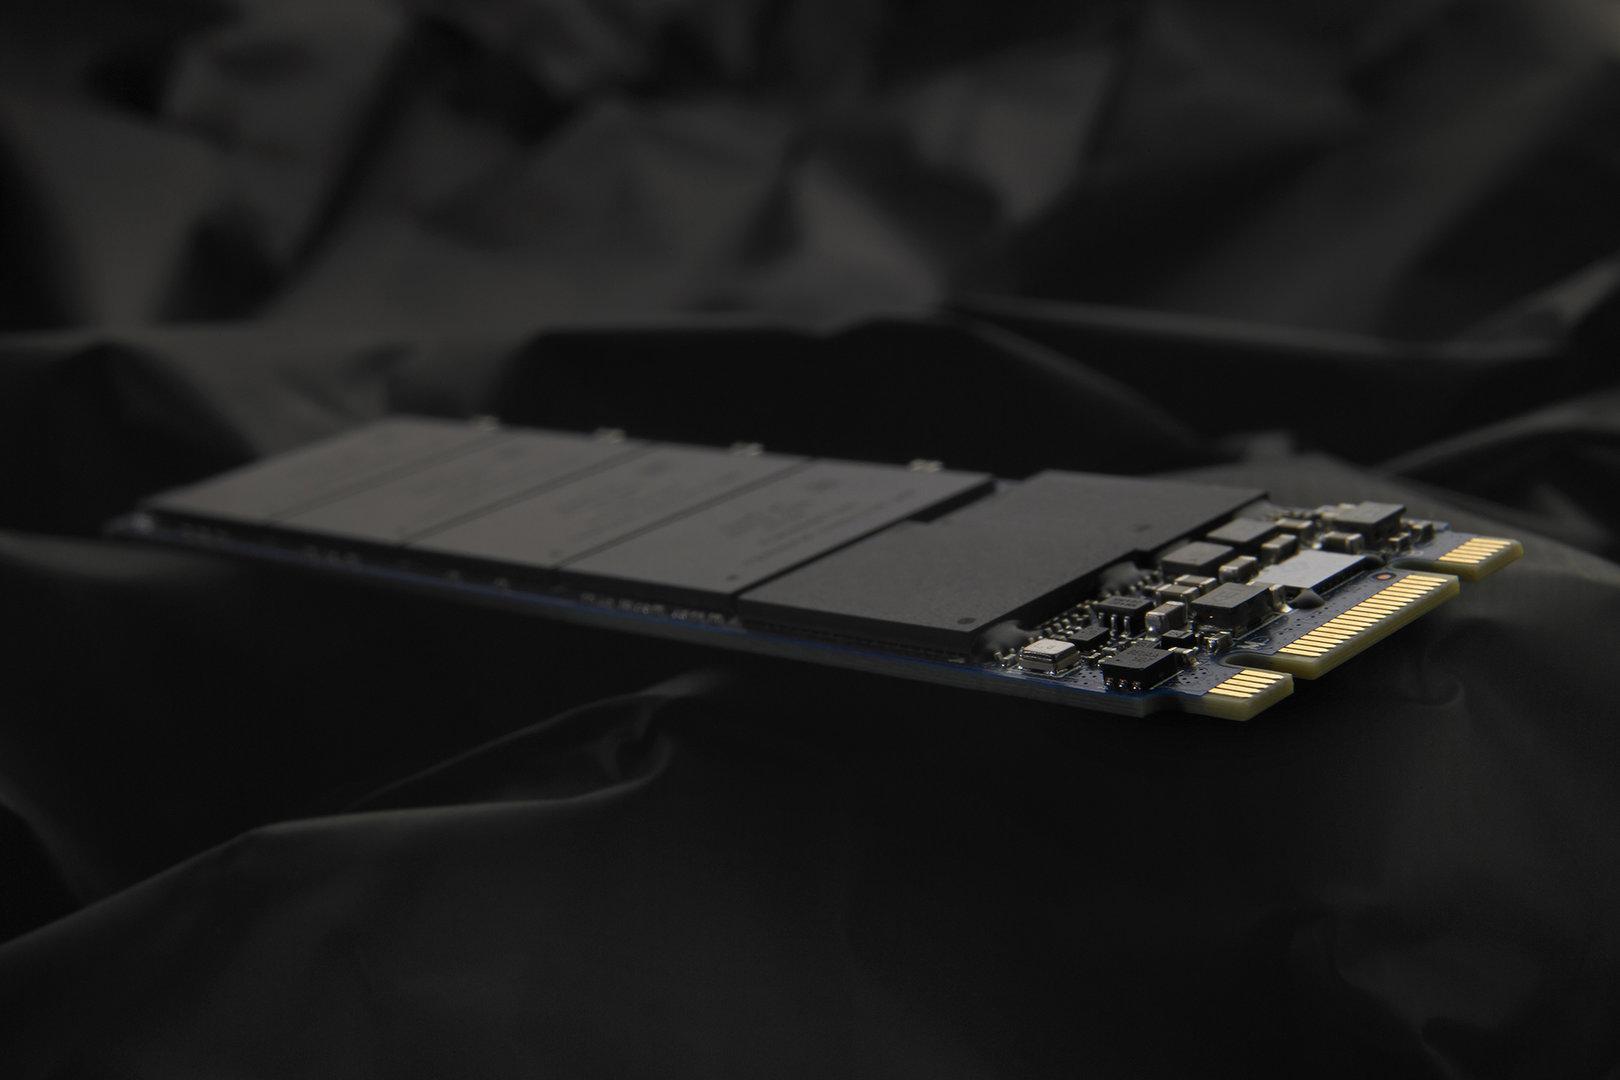 SanDisk X400 M.2